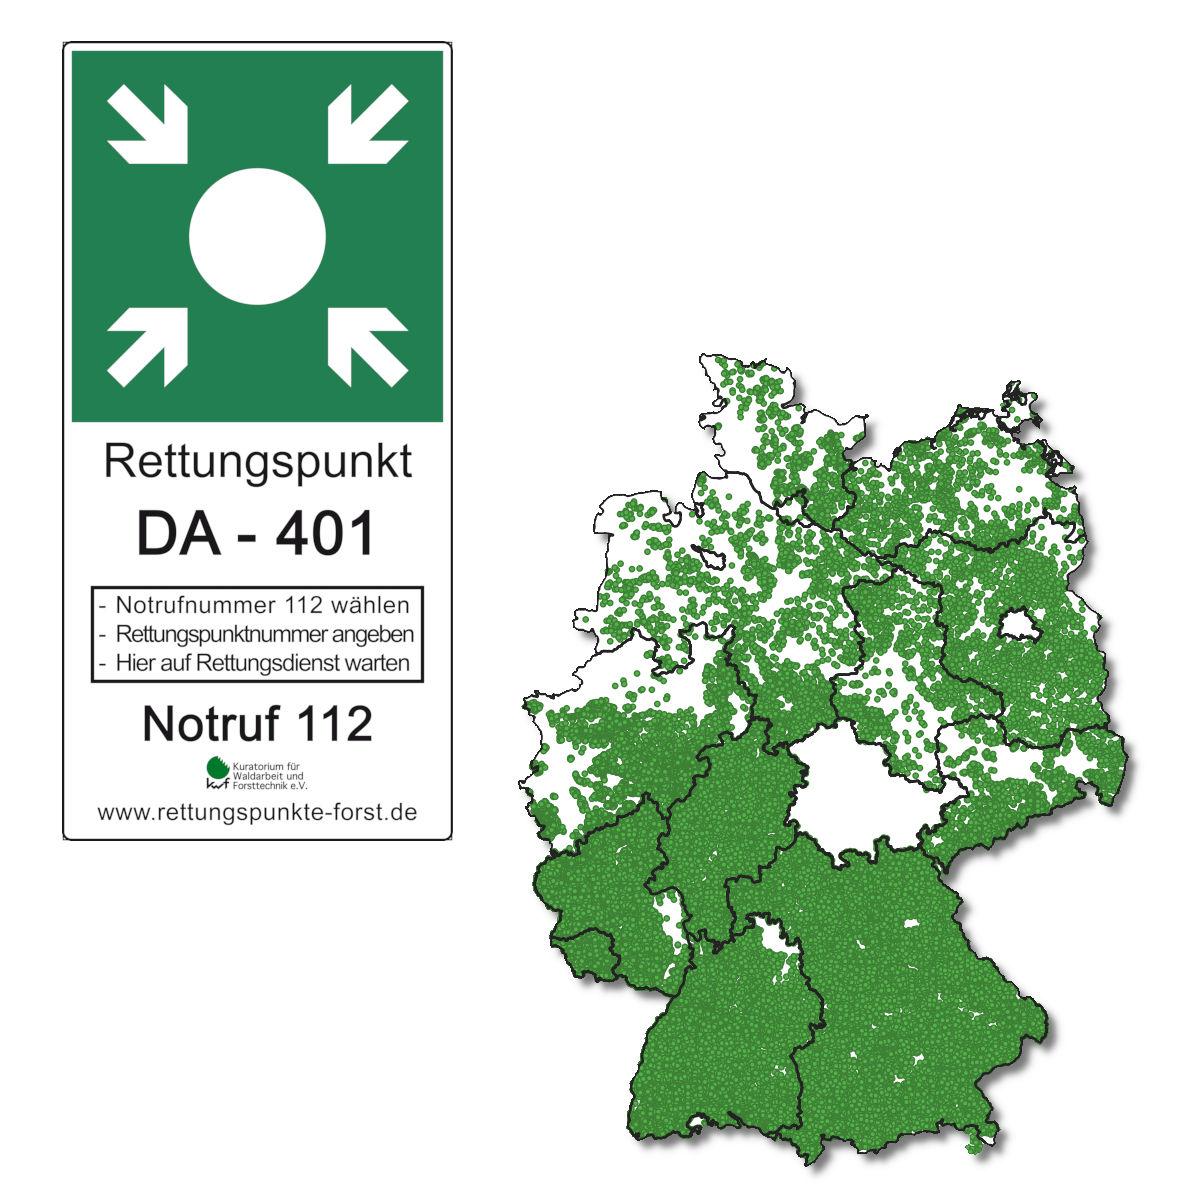 Deutschlandkarte mit grünen Punkten